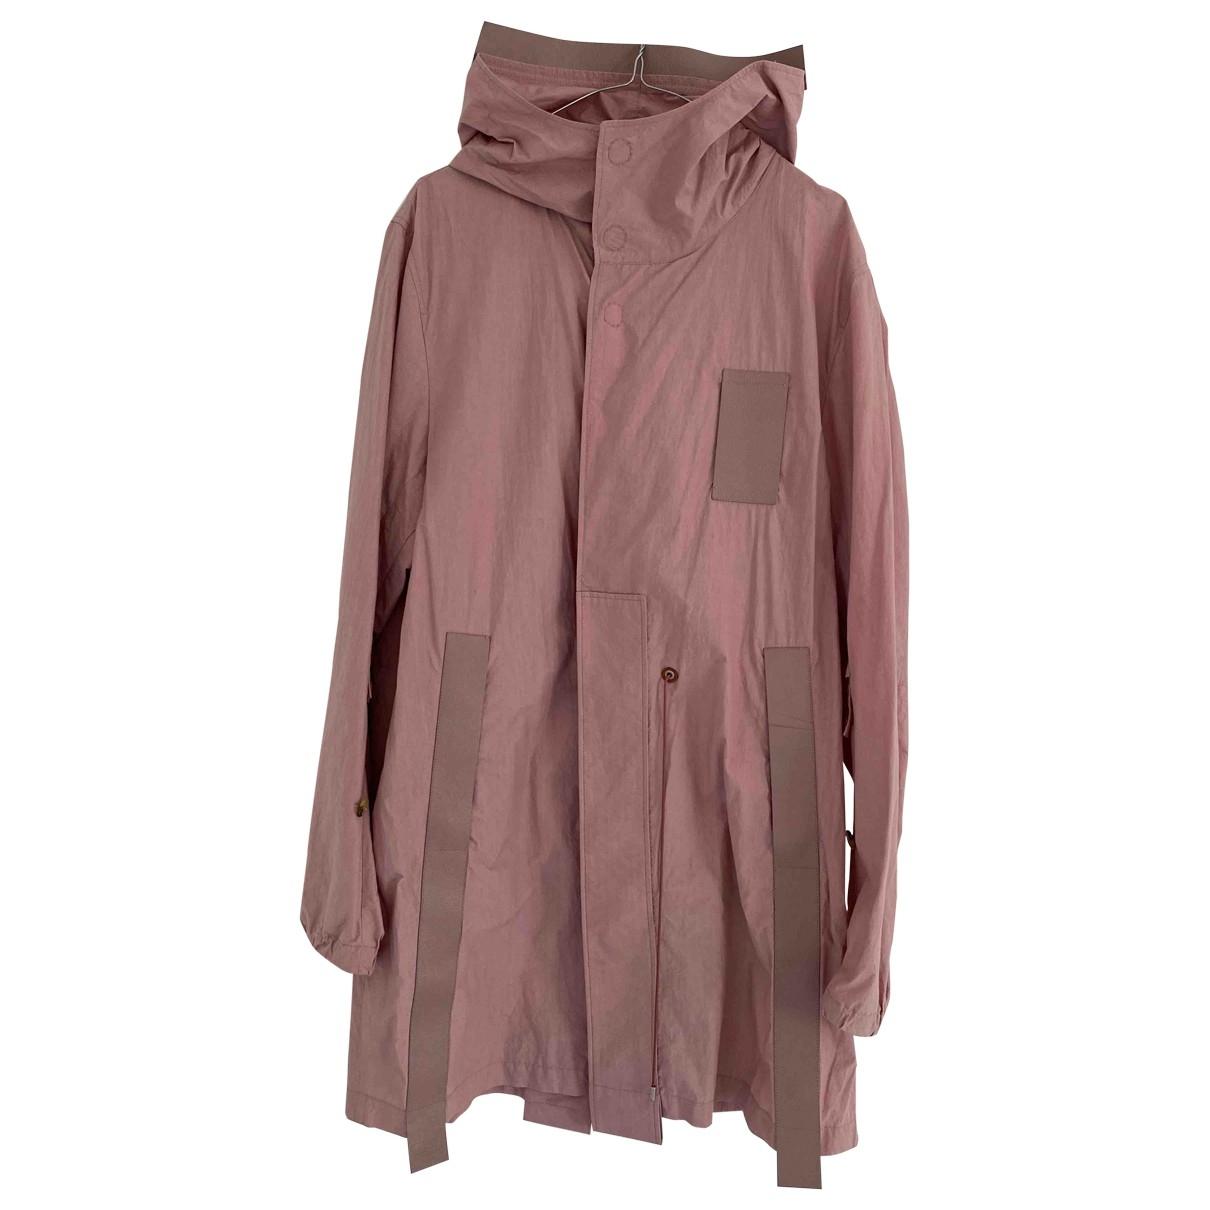 Oamc \N Pink jacket  for Men L International